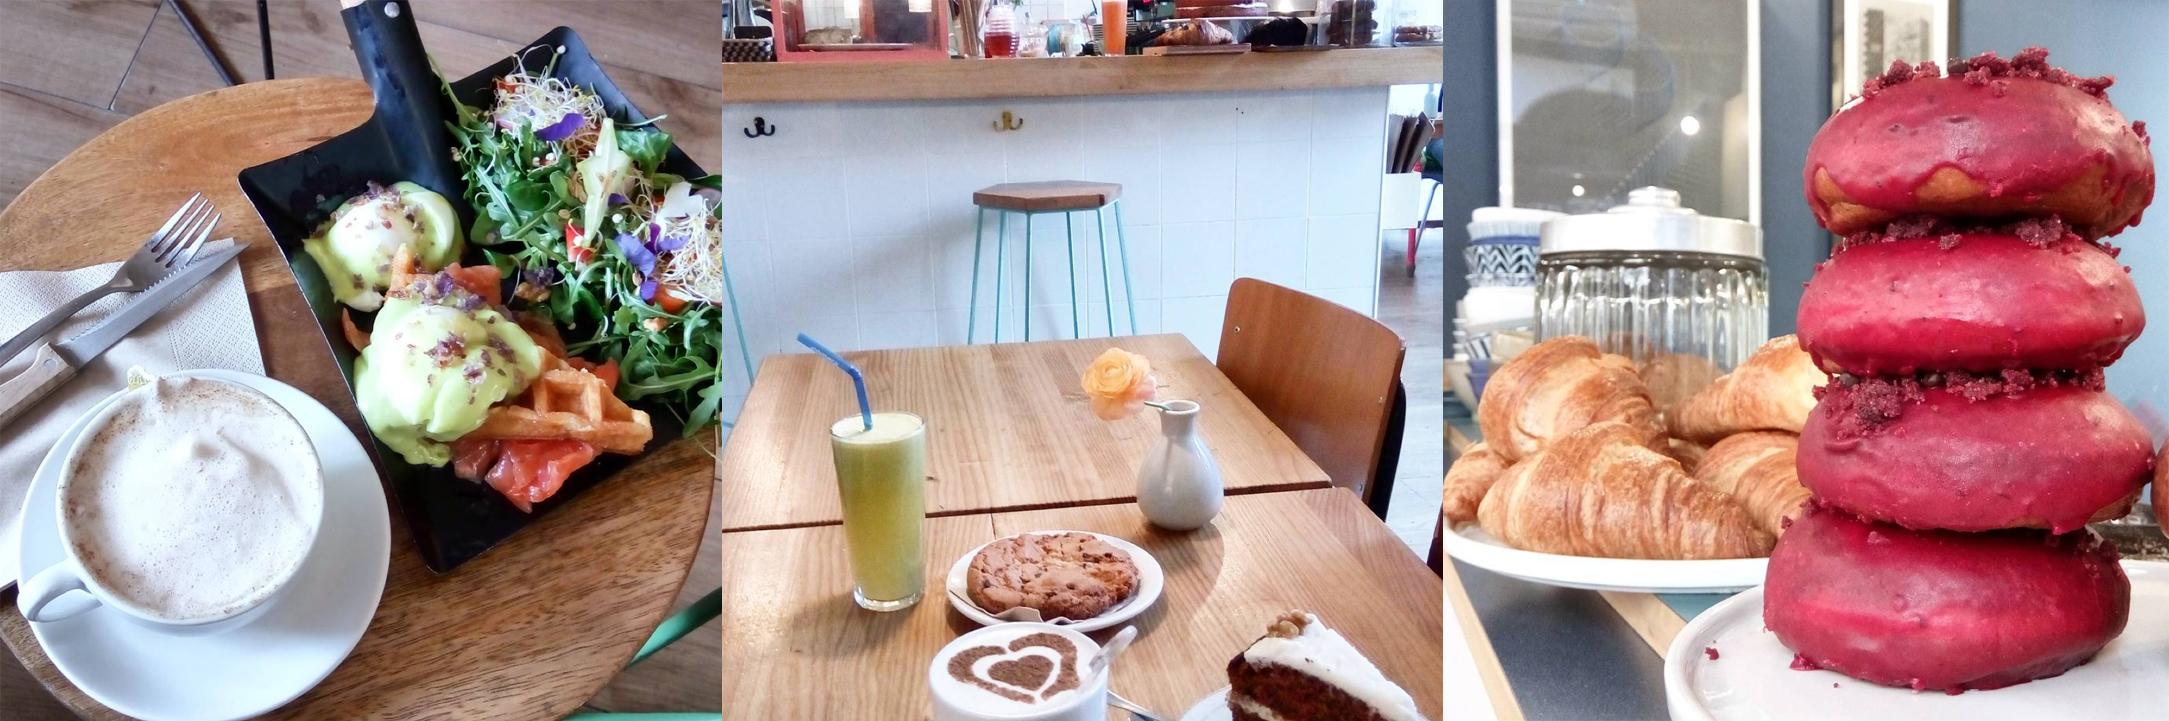 Mes bonnes adresses café et restaurant sur Barcelone